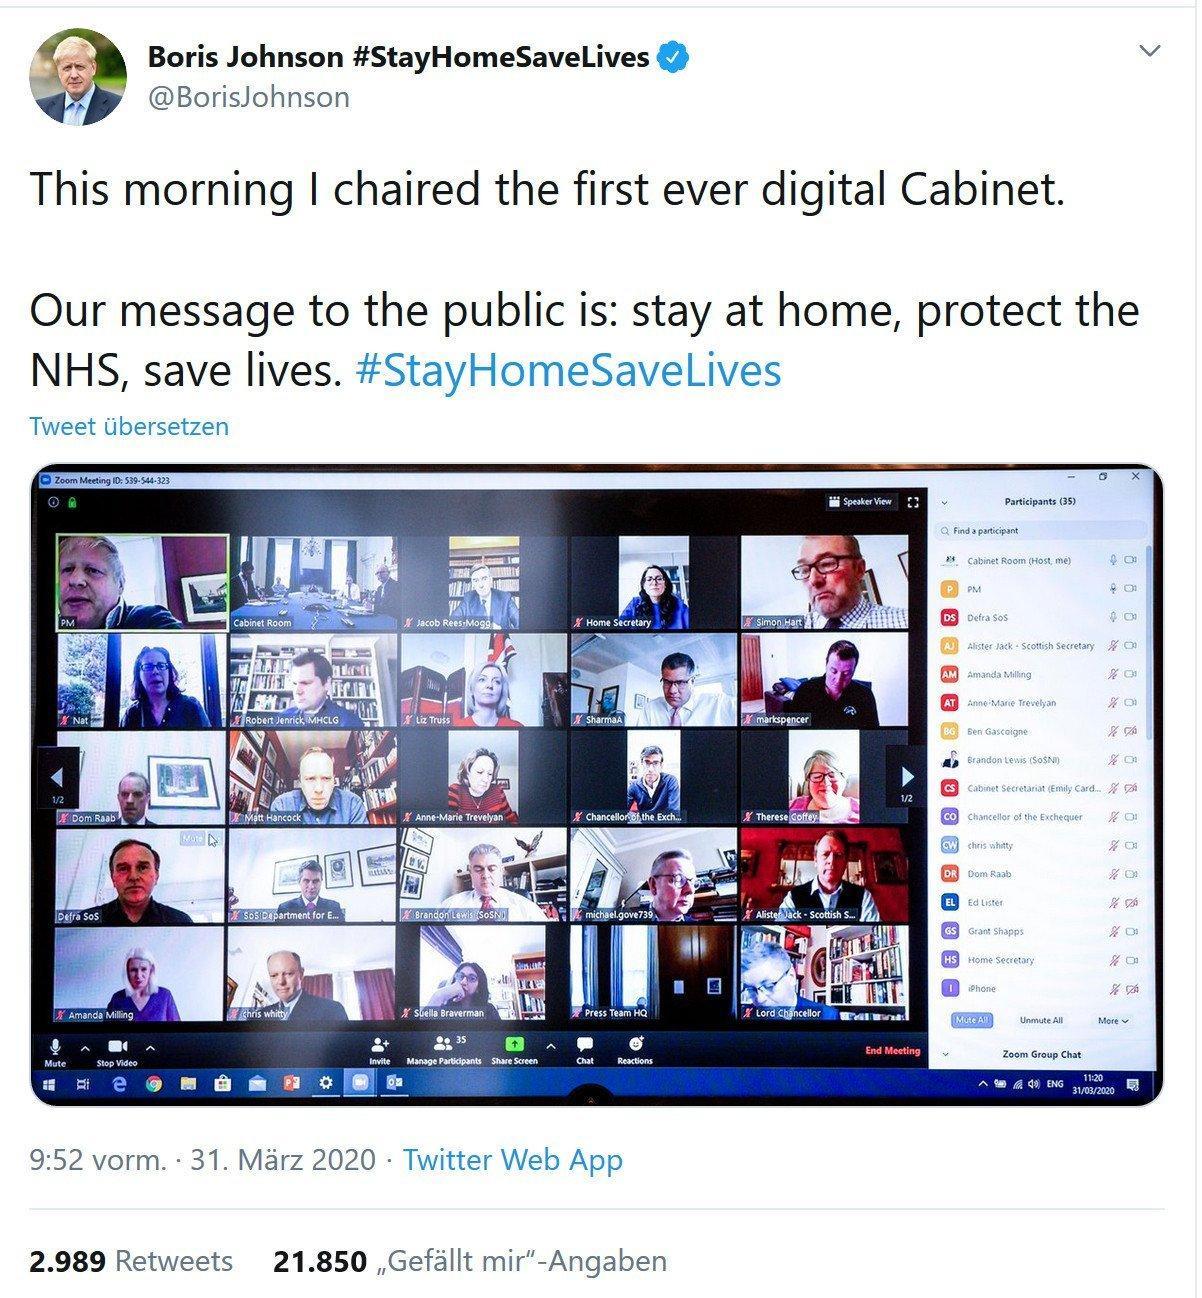 """Screenshot eines Twitter-Posts von Boris Johnson. Text: This morning I chaired the first ever digital Cabinet. Our message to the public is: stay at home, protect the NHS, save lives. #StayHomeSaveLives. Darunter ein Screenshot von seinem Computerbildschirm, auf dem die Mitglieder des britischen Kabinetts im Video-Chat-Tool """"Zoom"""" zu sehen sind."""